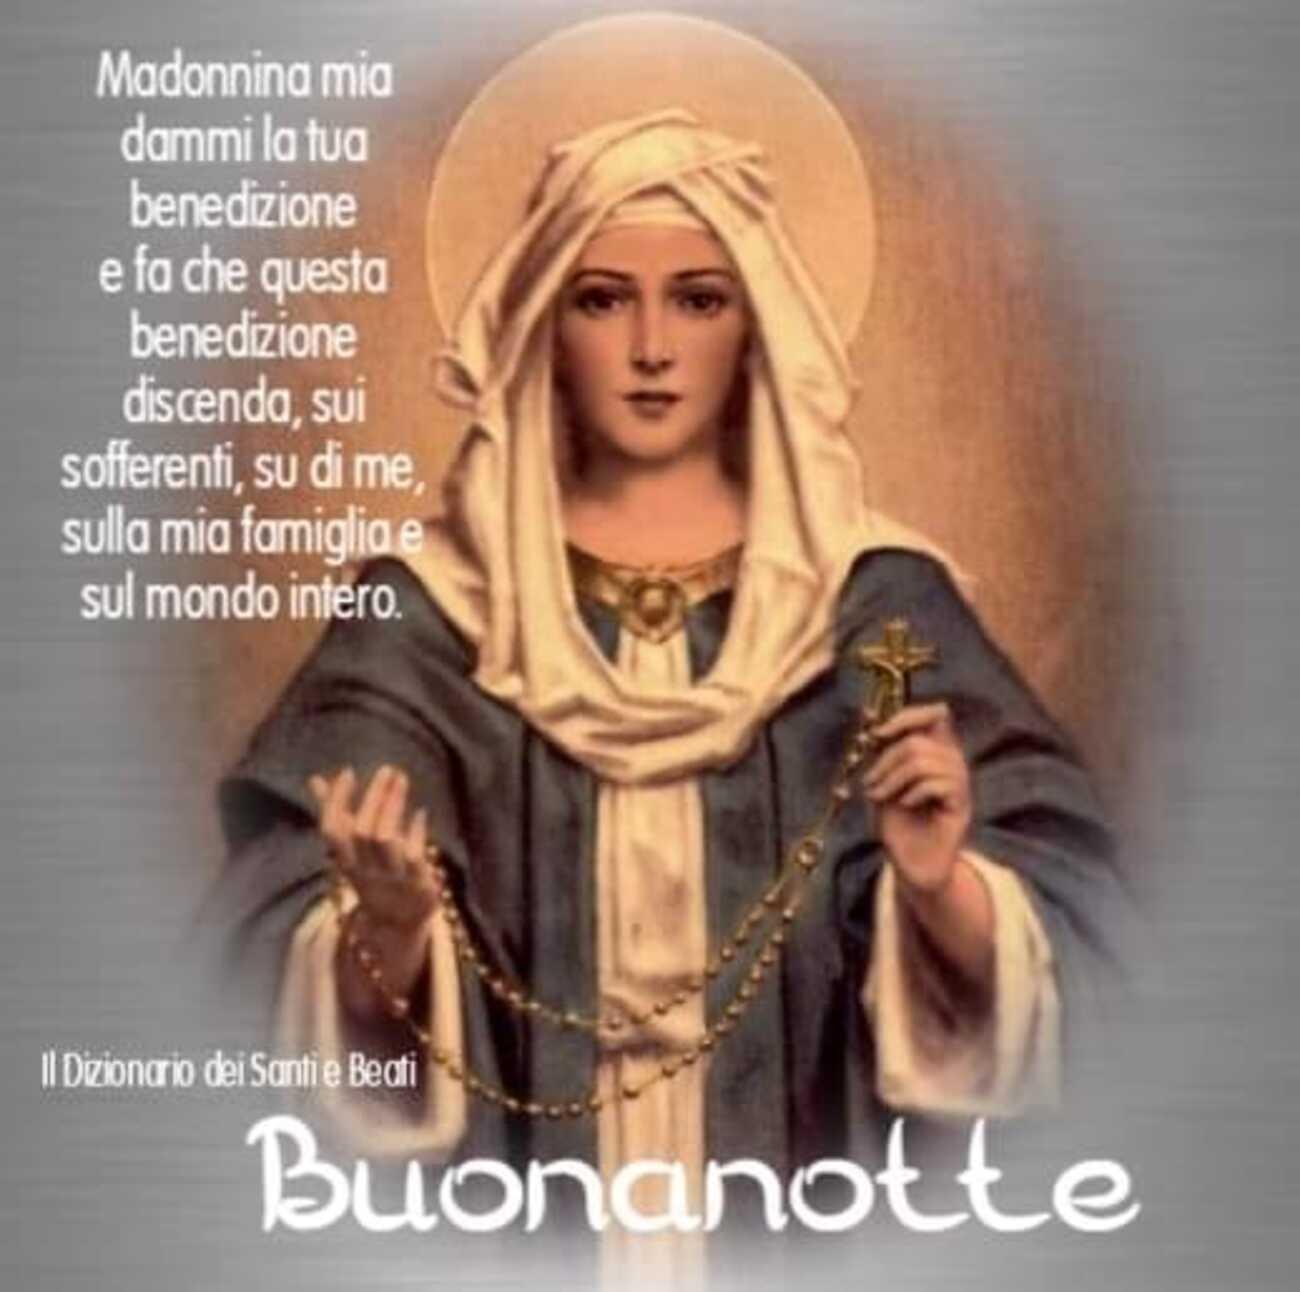 Buonanotte con la Madonna immagini nuovissime (5)